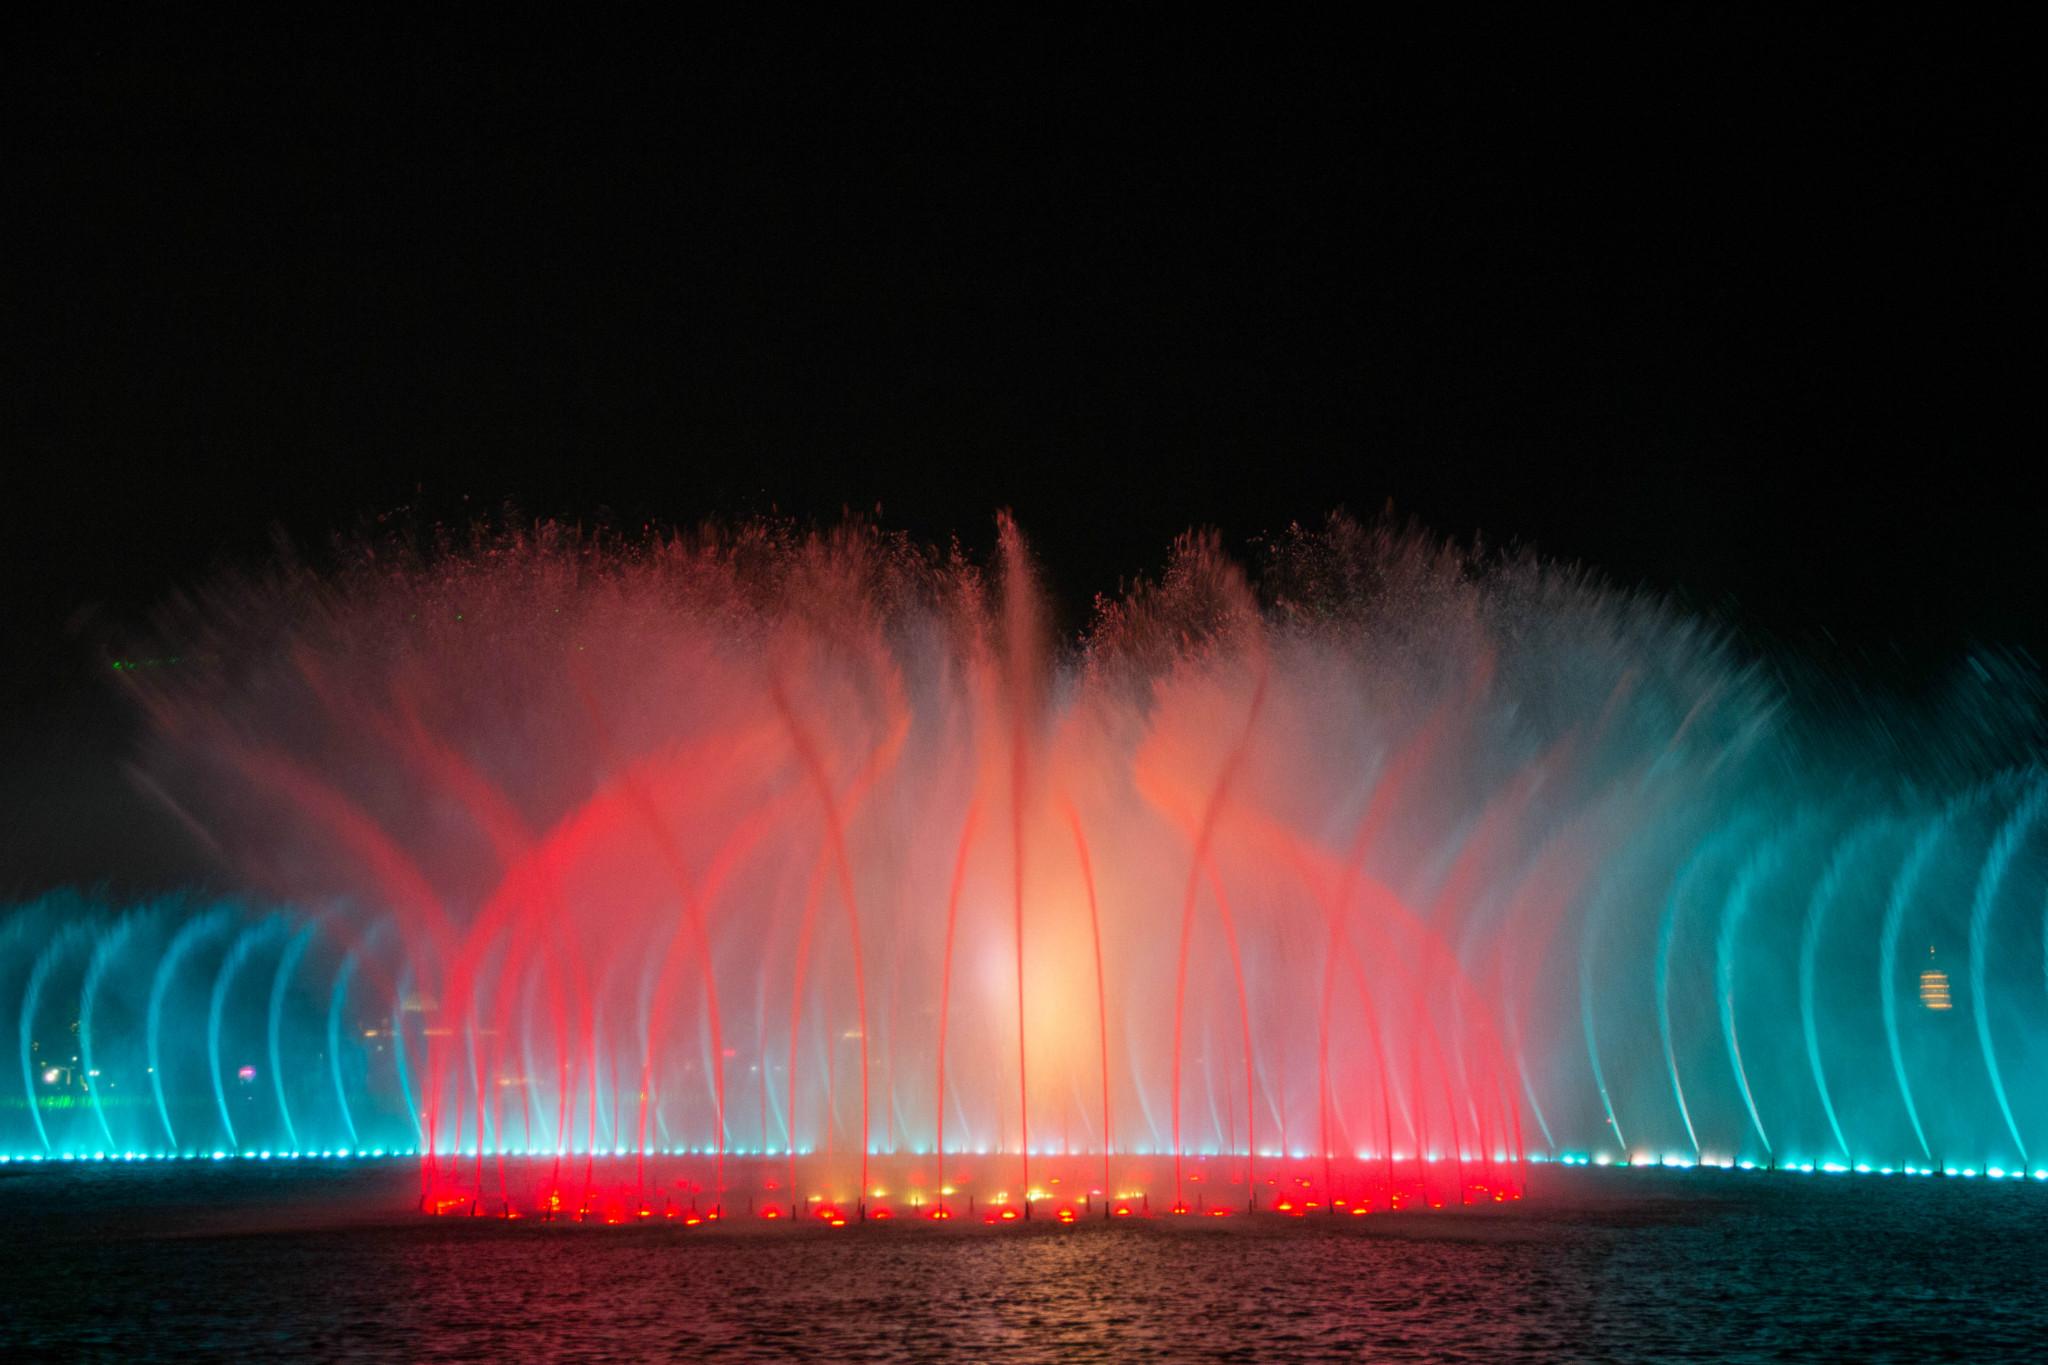 杭州音乐喷泉都有哪些?杭州哪里有音乐喷泉?杭州有哪几个音乐喷泉?